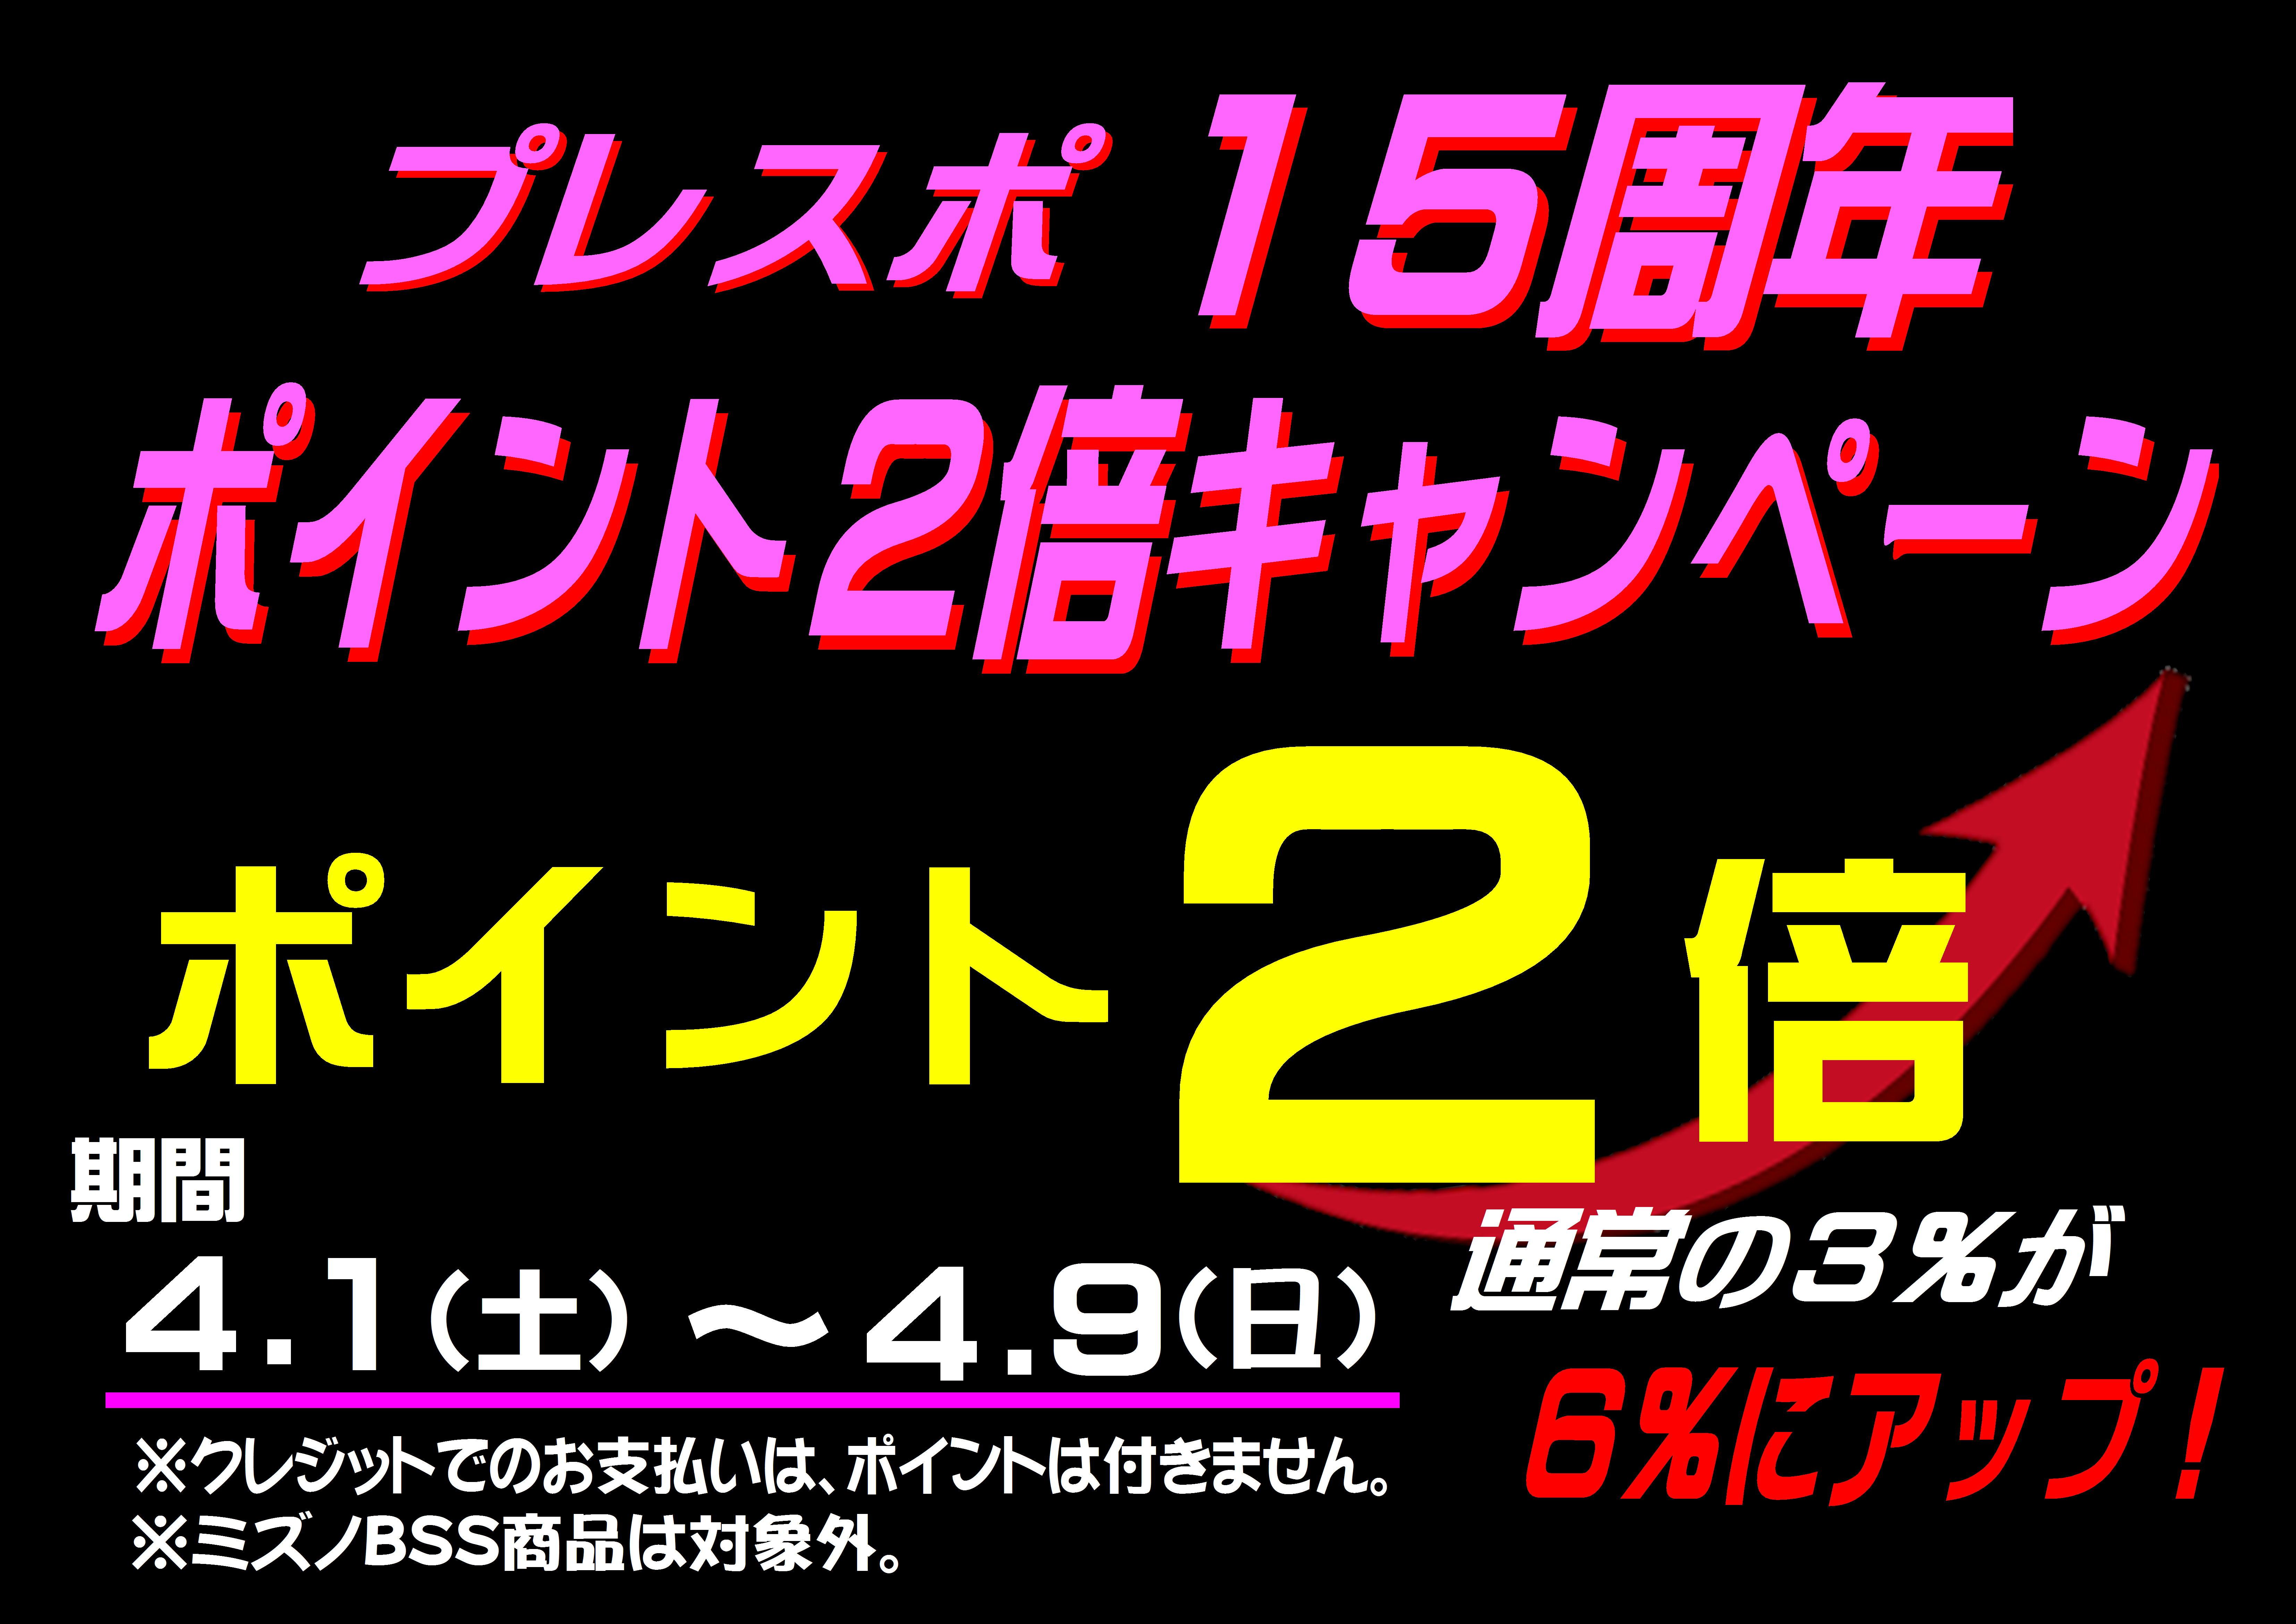 http://www.playsports.jp/news/images/2%E5%80%8D.JPEG